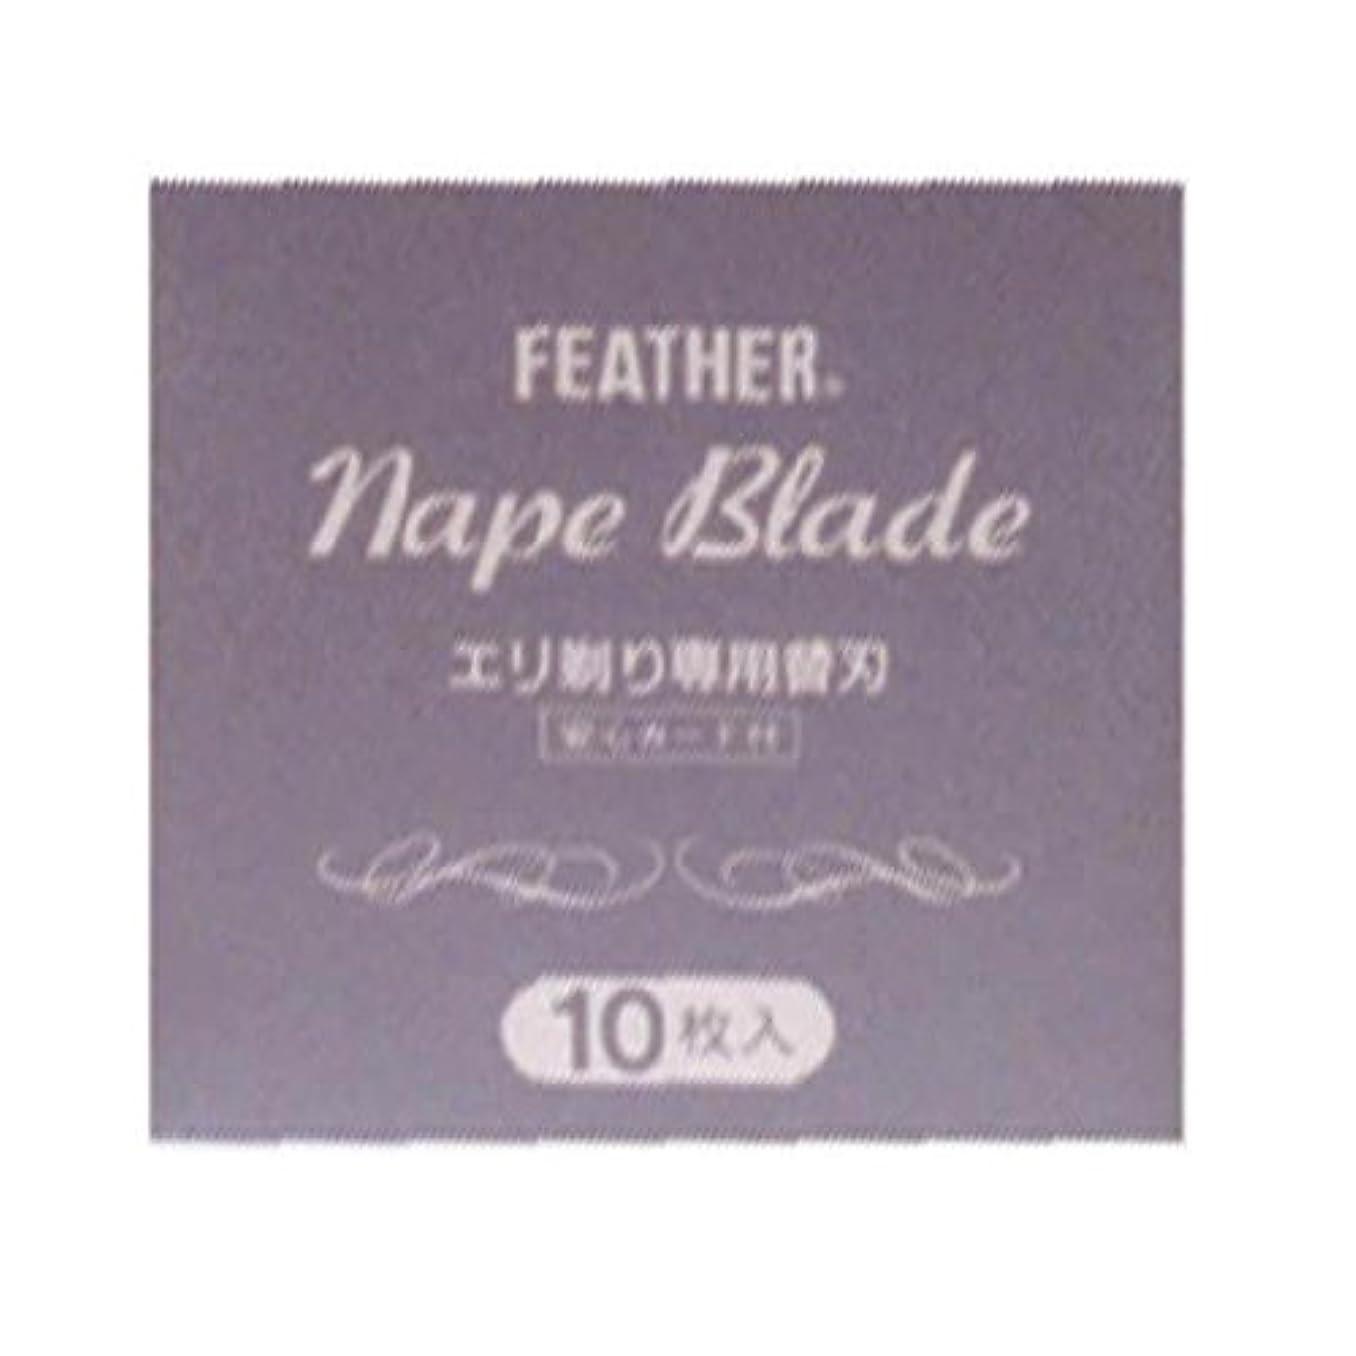 すでに箱約束するフェザー ネープブレイドエリ剃り専用替刃 10枚入